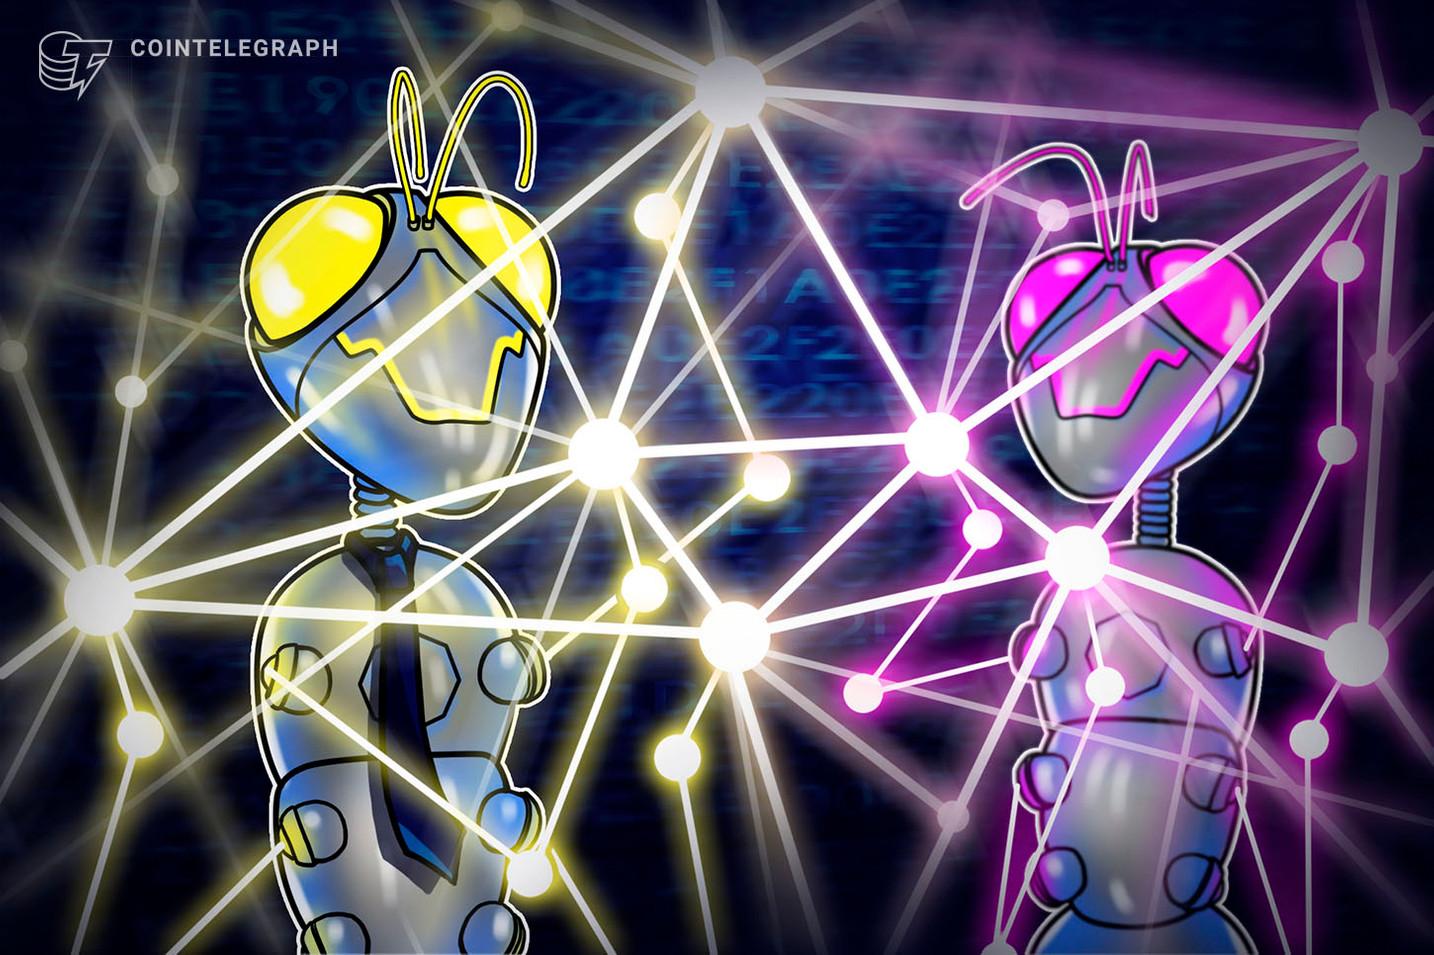 """Blockchain Yöneticisi: """"Web 3.0 Merkeziyetsiz İş Modelleri Oluşturacak"""""""